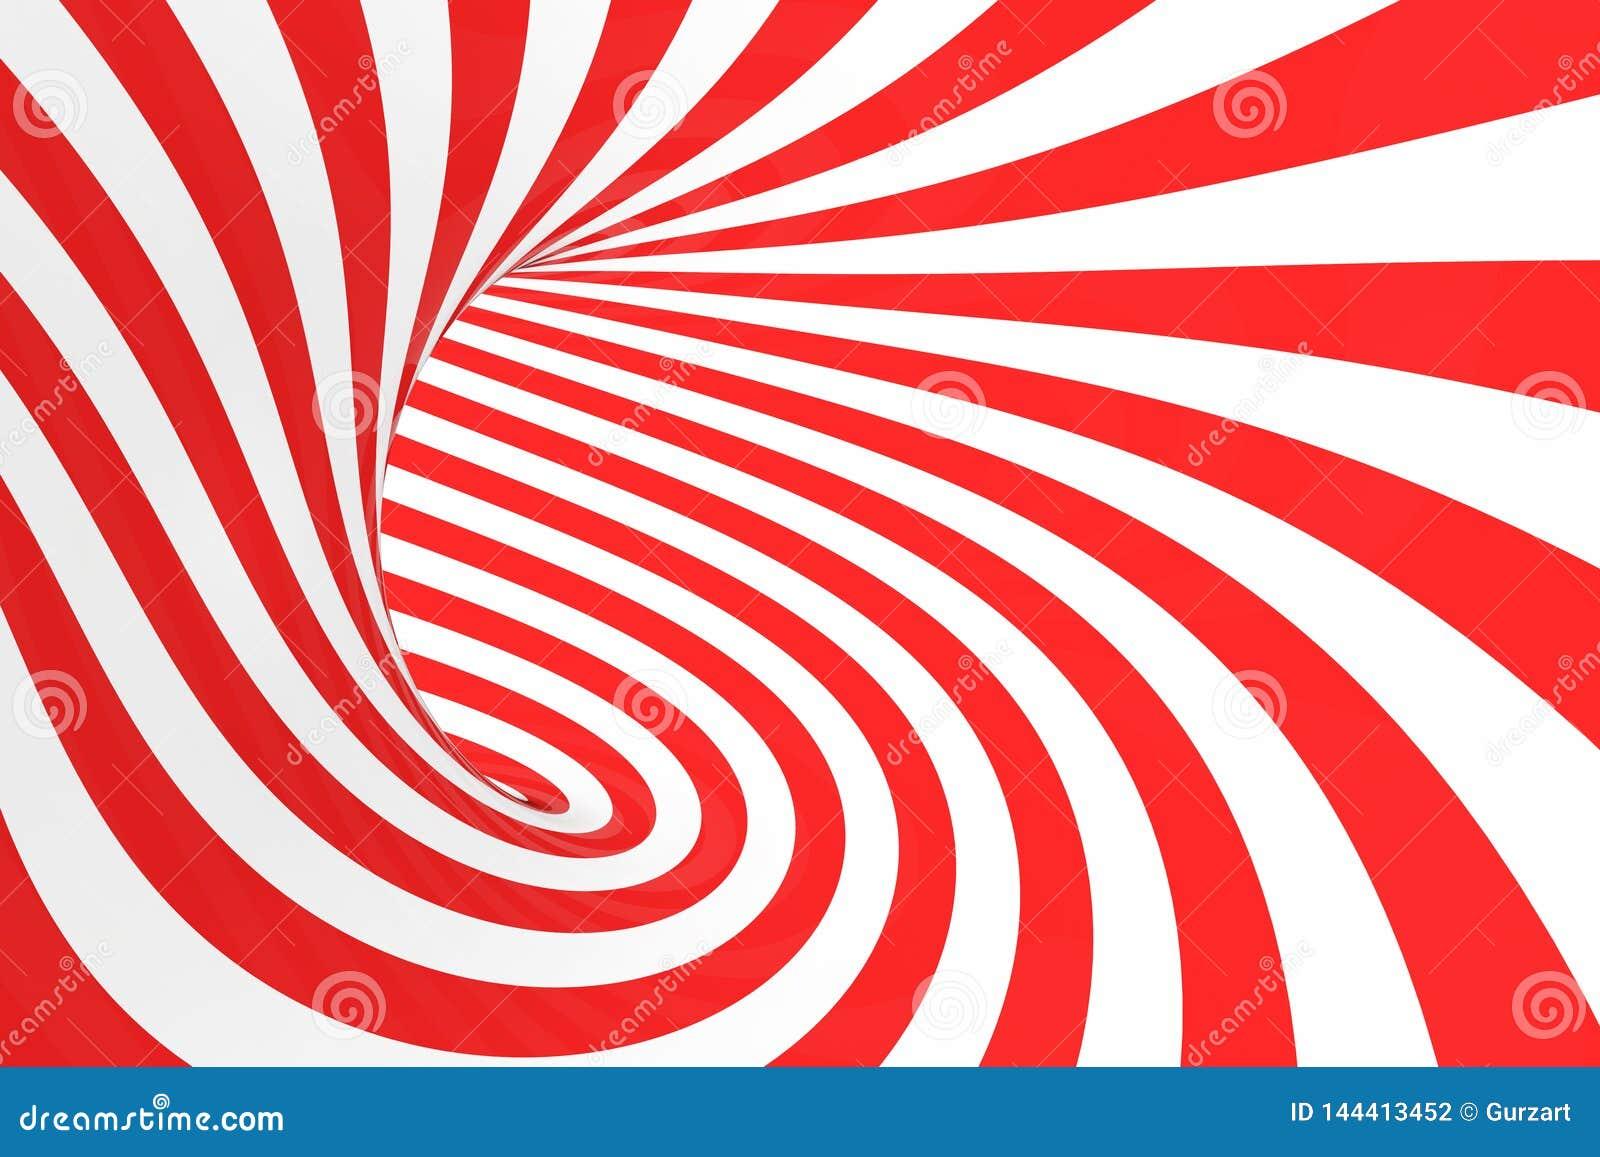 De roosterillustratie van de wervelings optische 3D illusie Contrast rode en witte spiraalvormige strepen Geometrisch torusbeeld